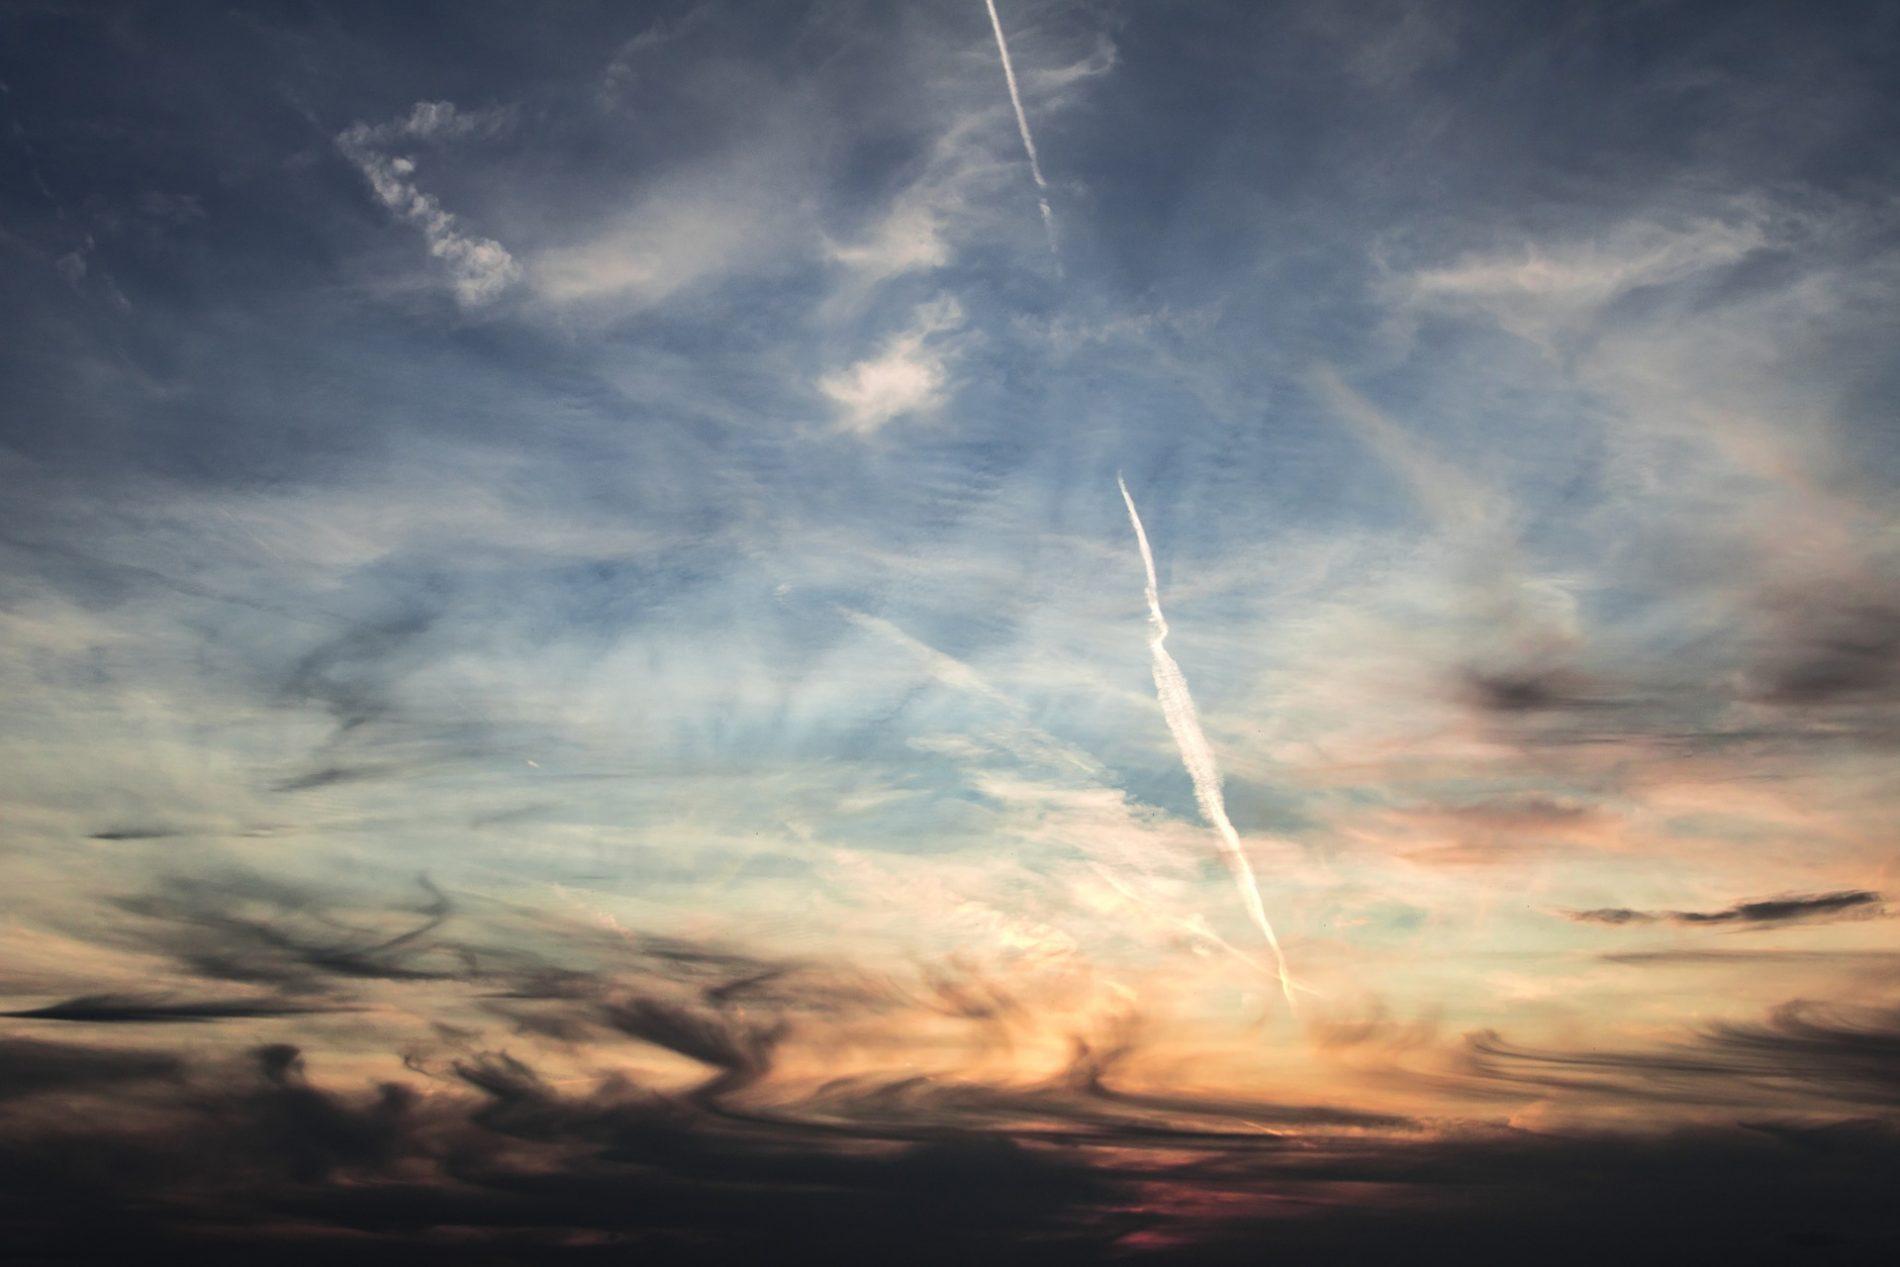 Der Sonnenuntergang am Himmel wird durchzogen von Kondensstreifen